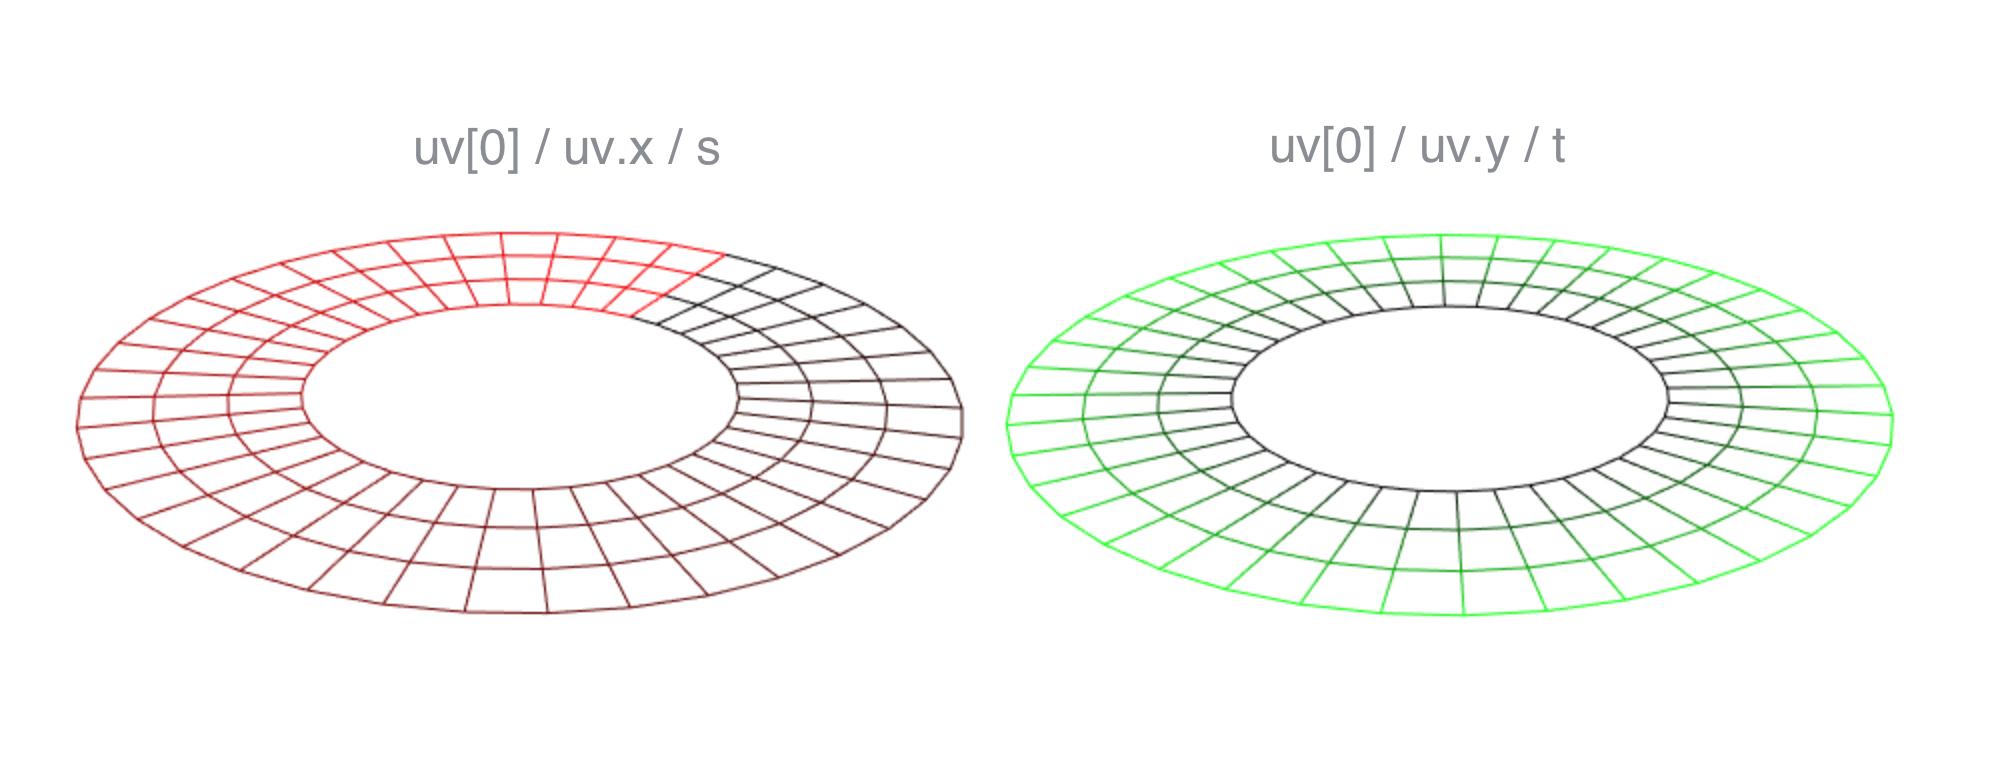 Generated UVs